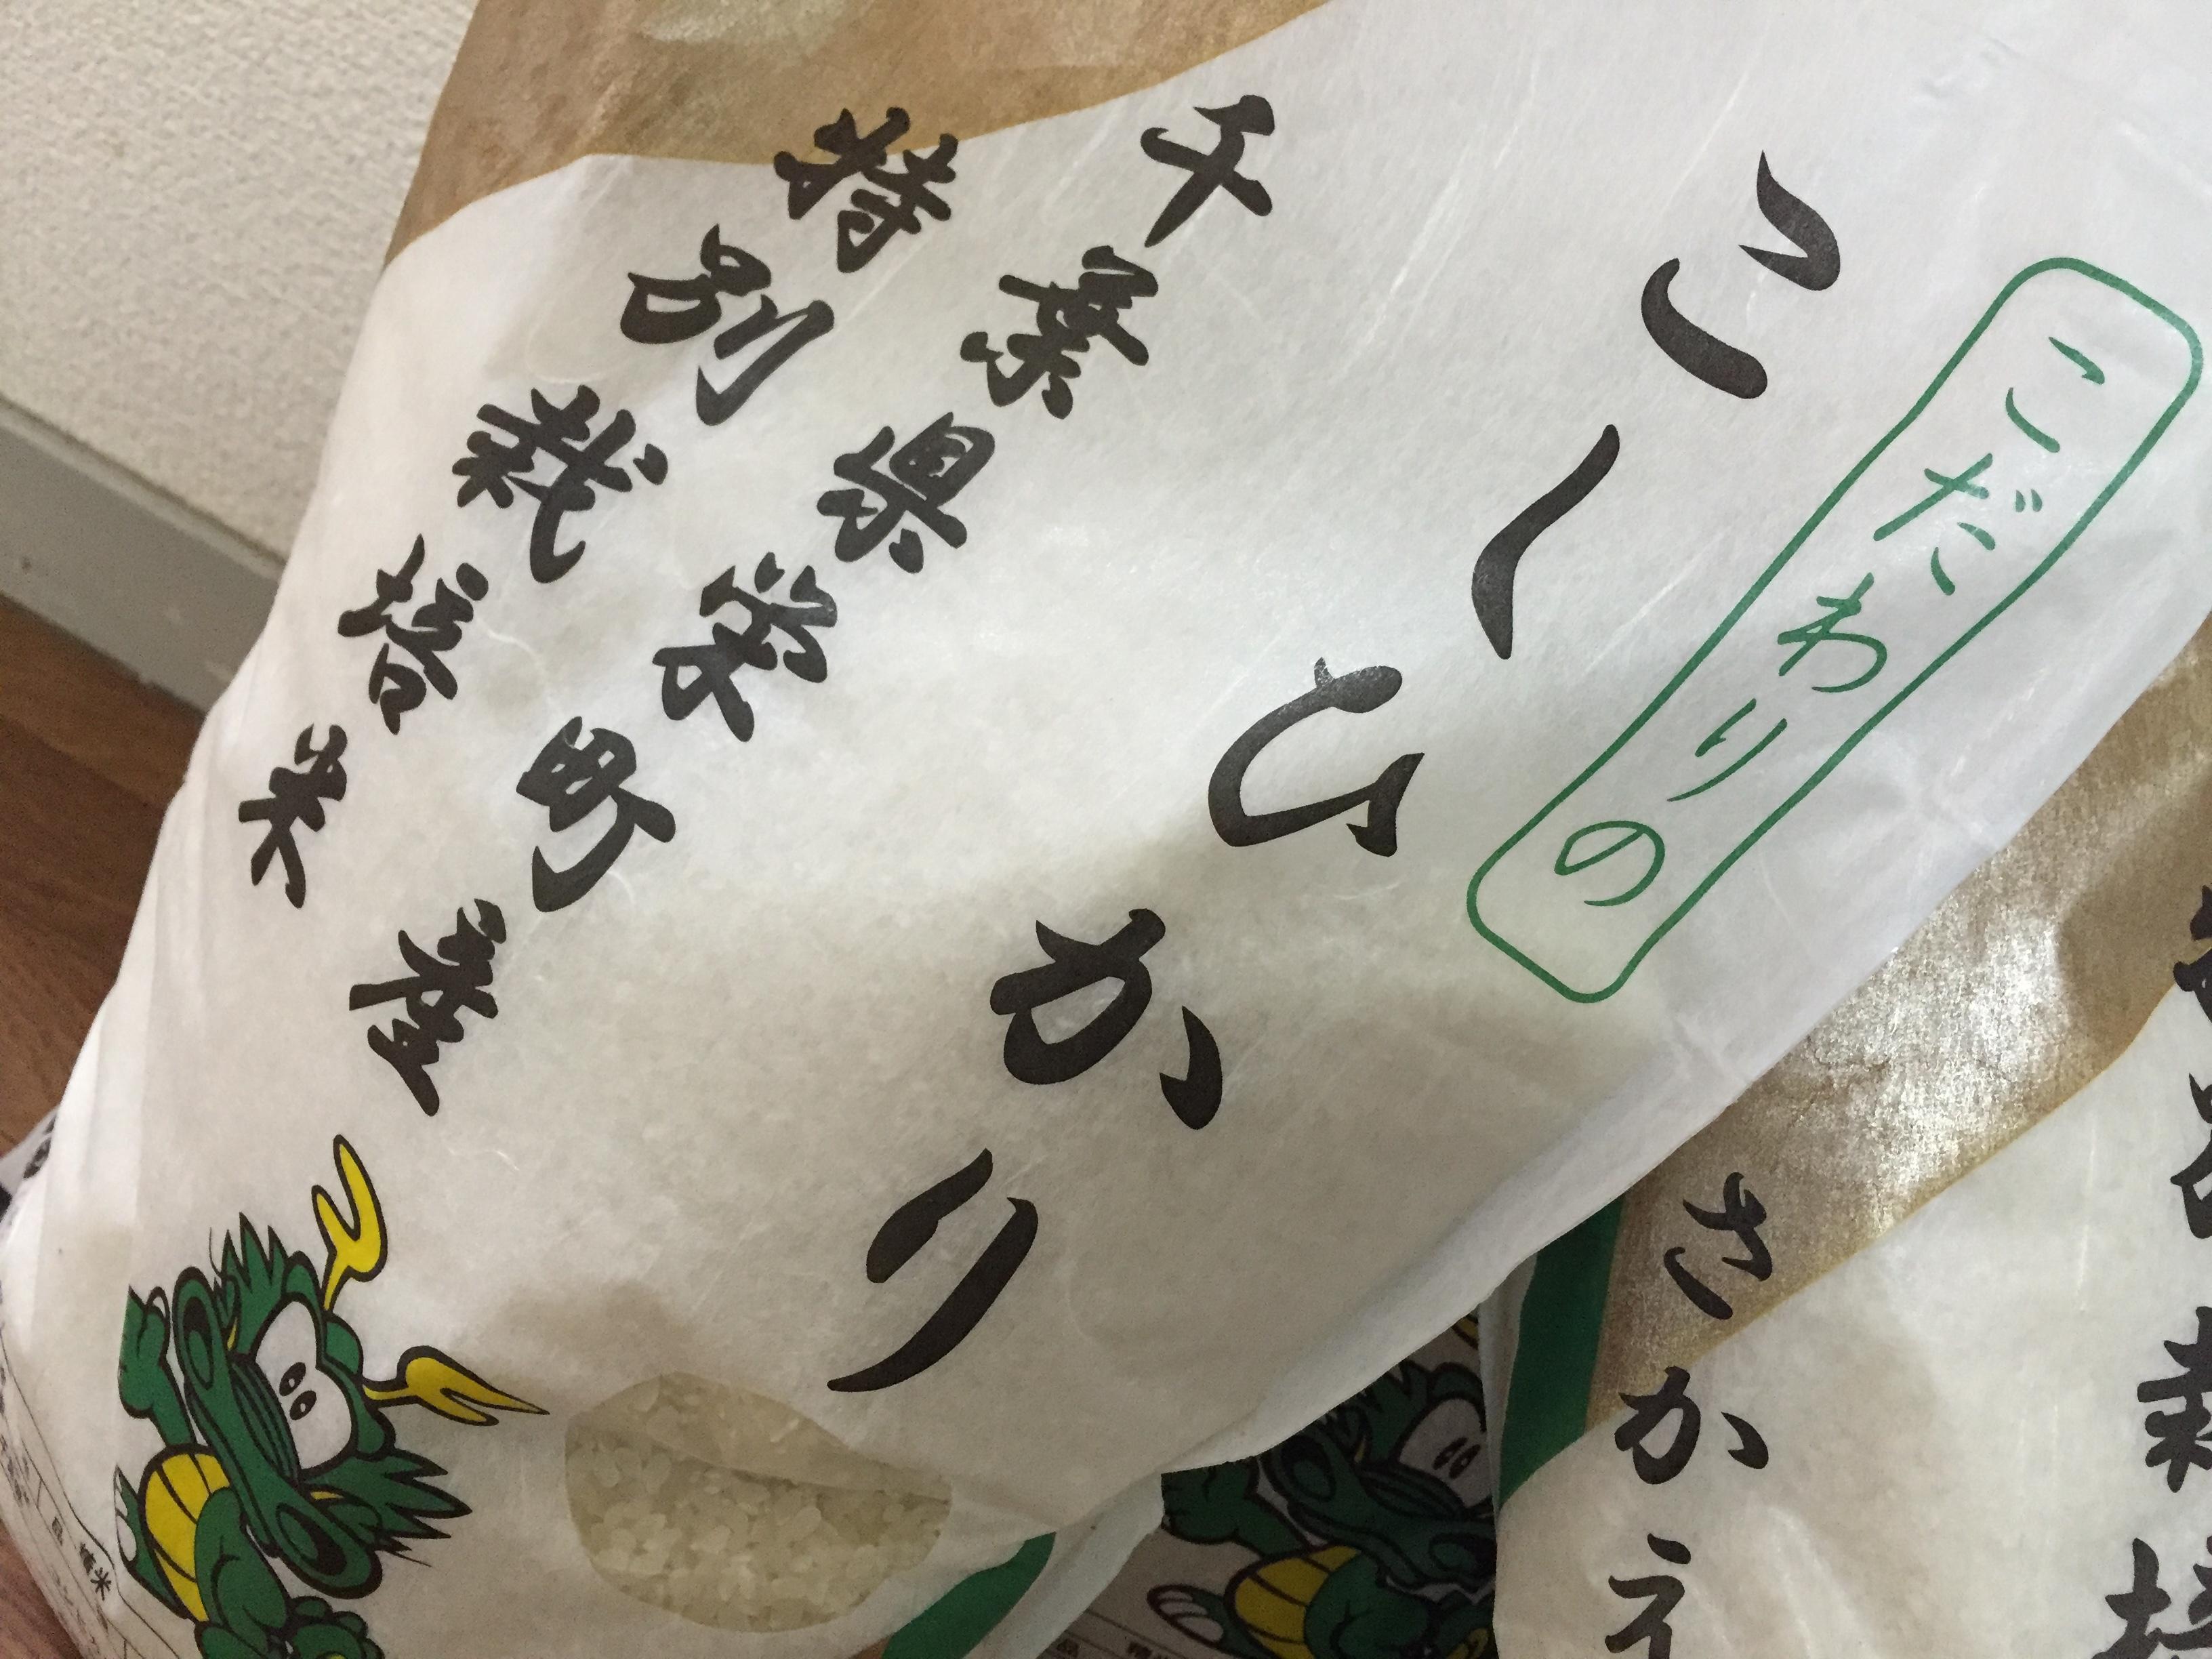 迷ったら米!ふるさと納税4回目は千葉県栄町のこしひかり